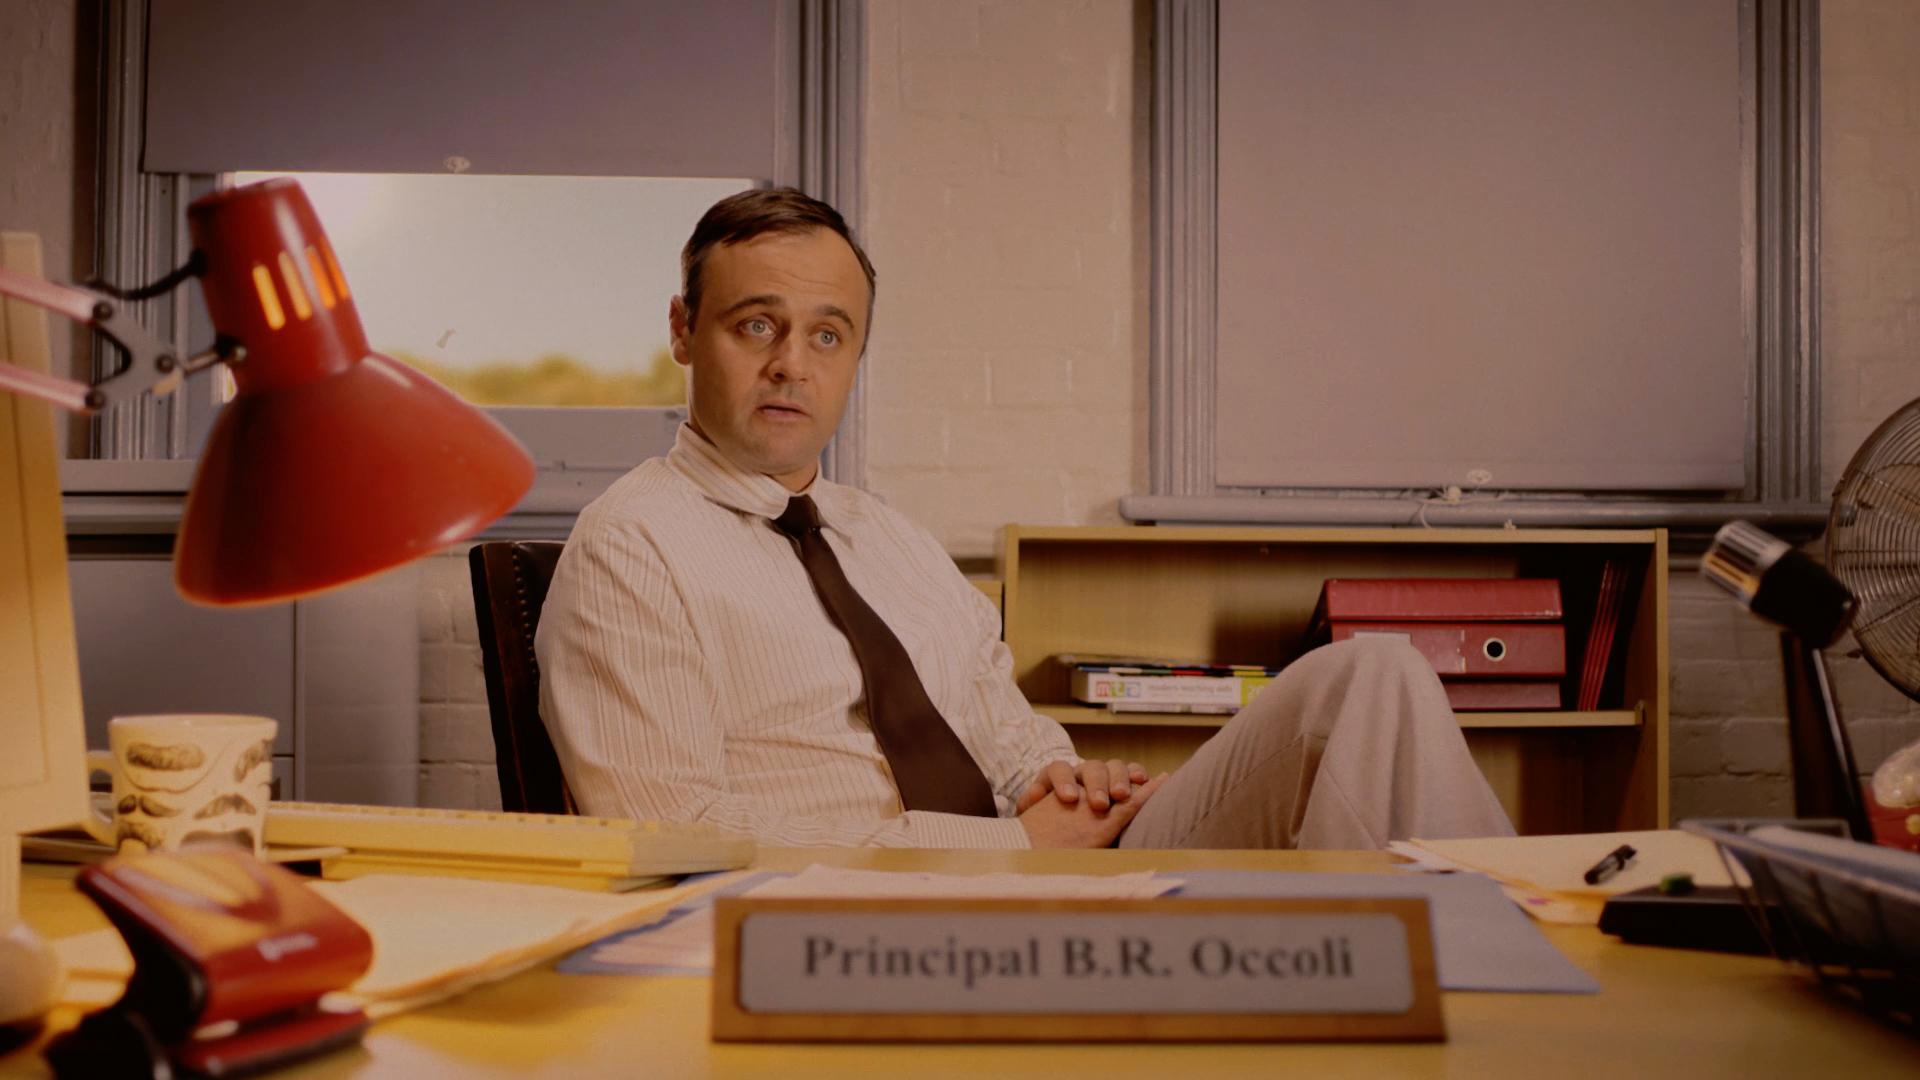 Gyton Grantley is Principal B.R Occoli